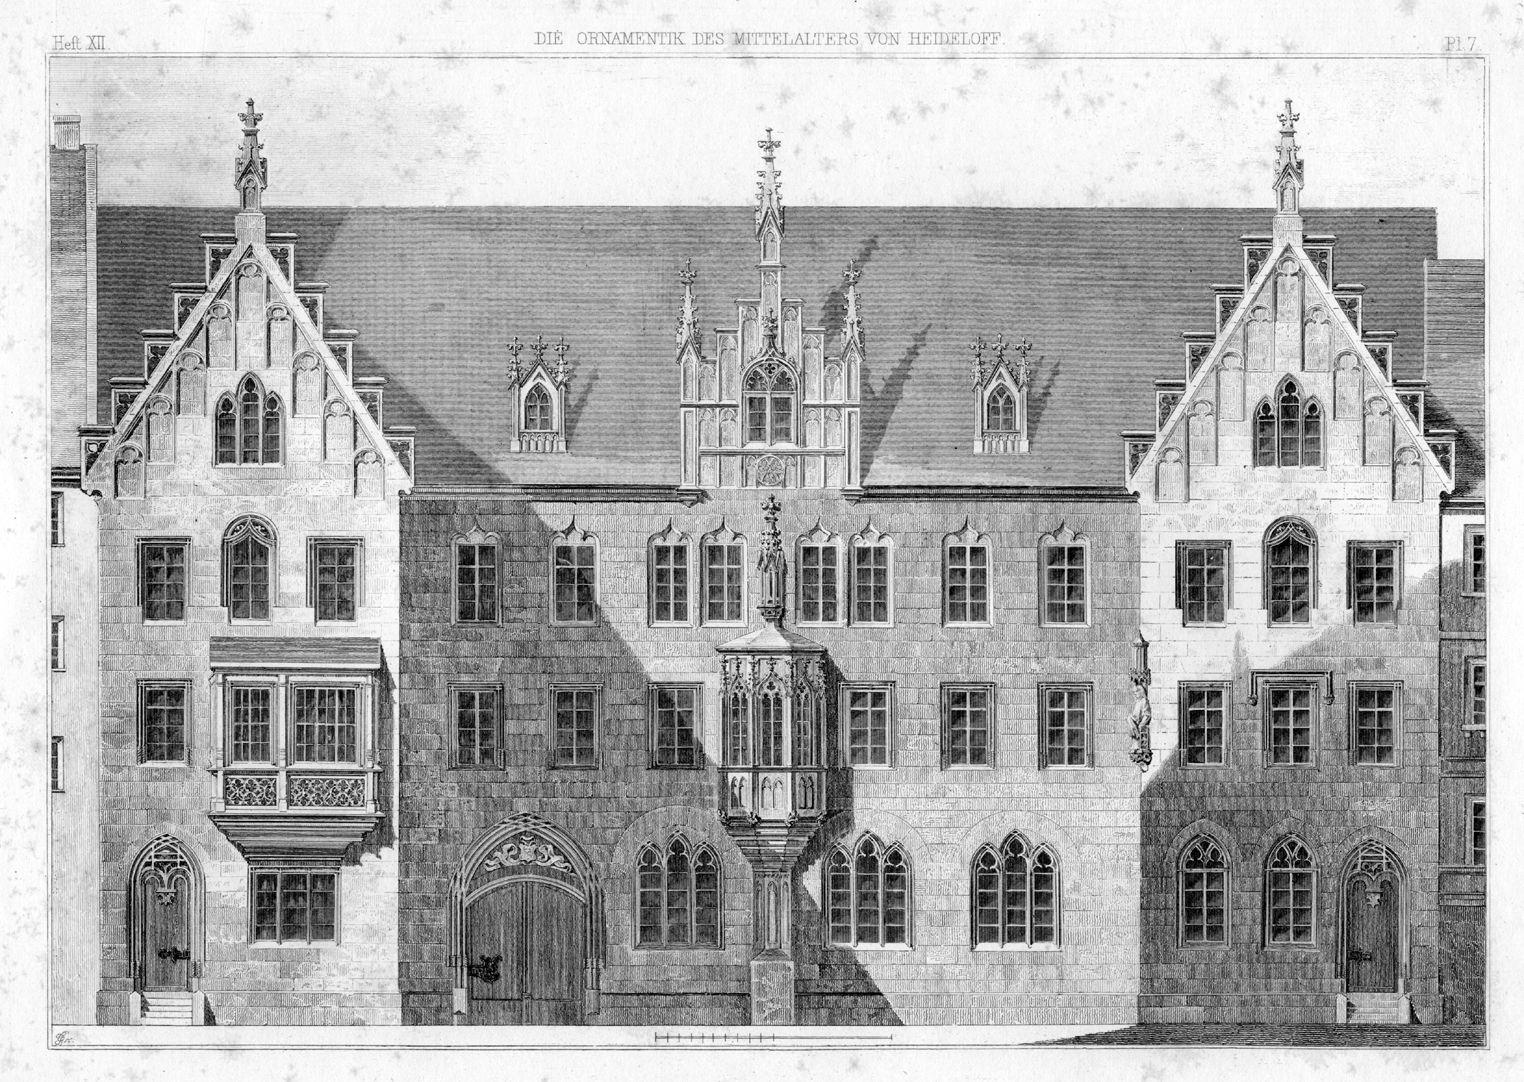 Lorenzer Pfarrhof Lorenzer Pfarrhof, Stich aus seinem Buch der Ornamentik des Mittelalters (Neuausgabe). In der starren Symmetrie ein vollkommen klassisches Gebäude mit Einverleibung eines älteren Chörleins.